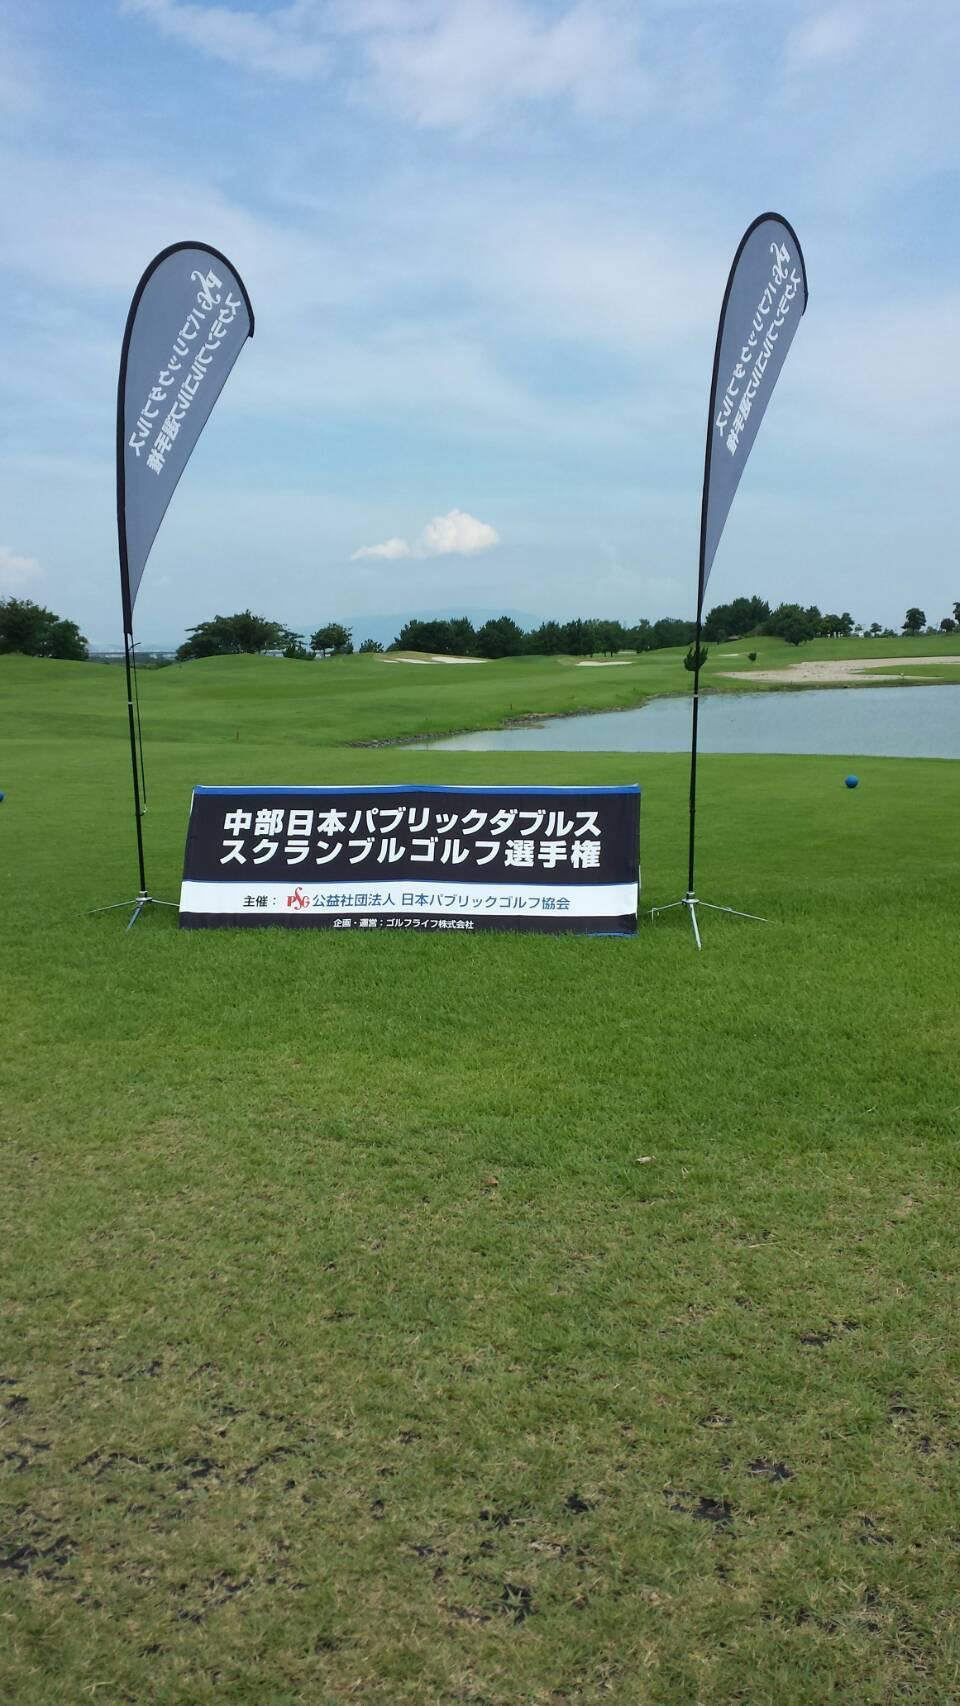 パブリック ダブルス スクランブル ゴルフ選手権 予選通過結果H29.8.2名古屋港_d0338682_16434667.jpg